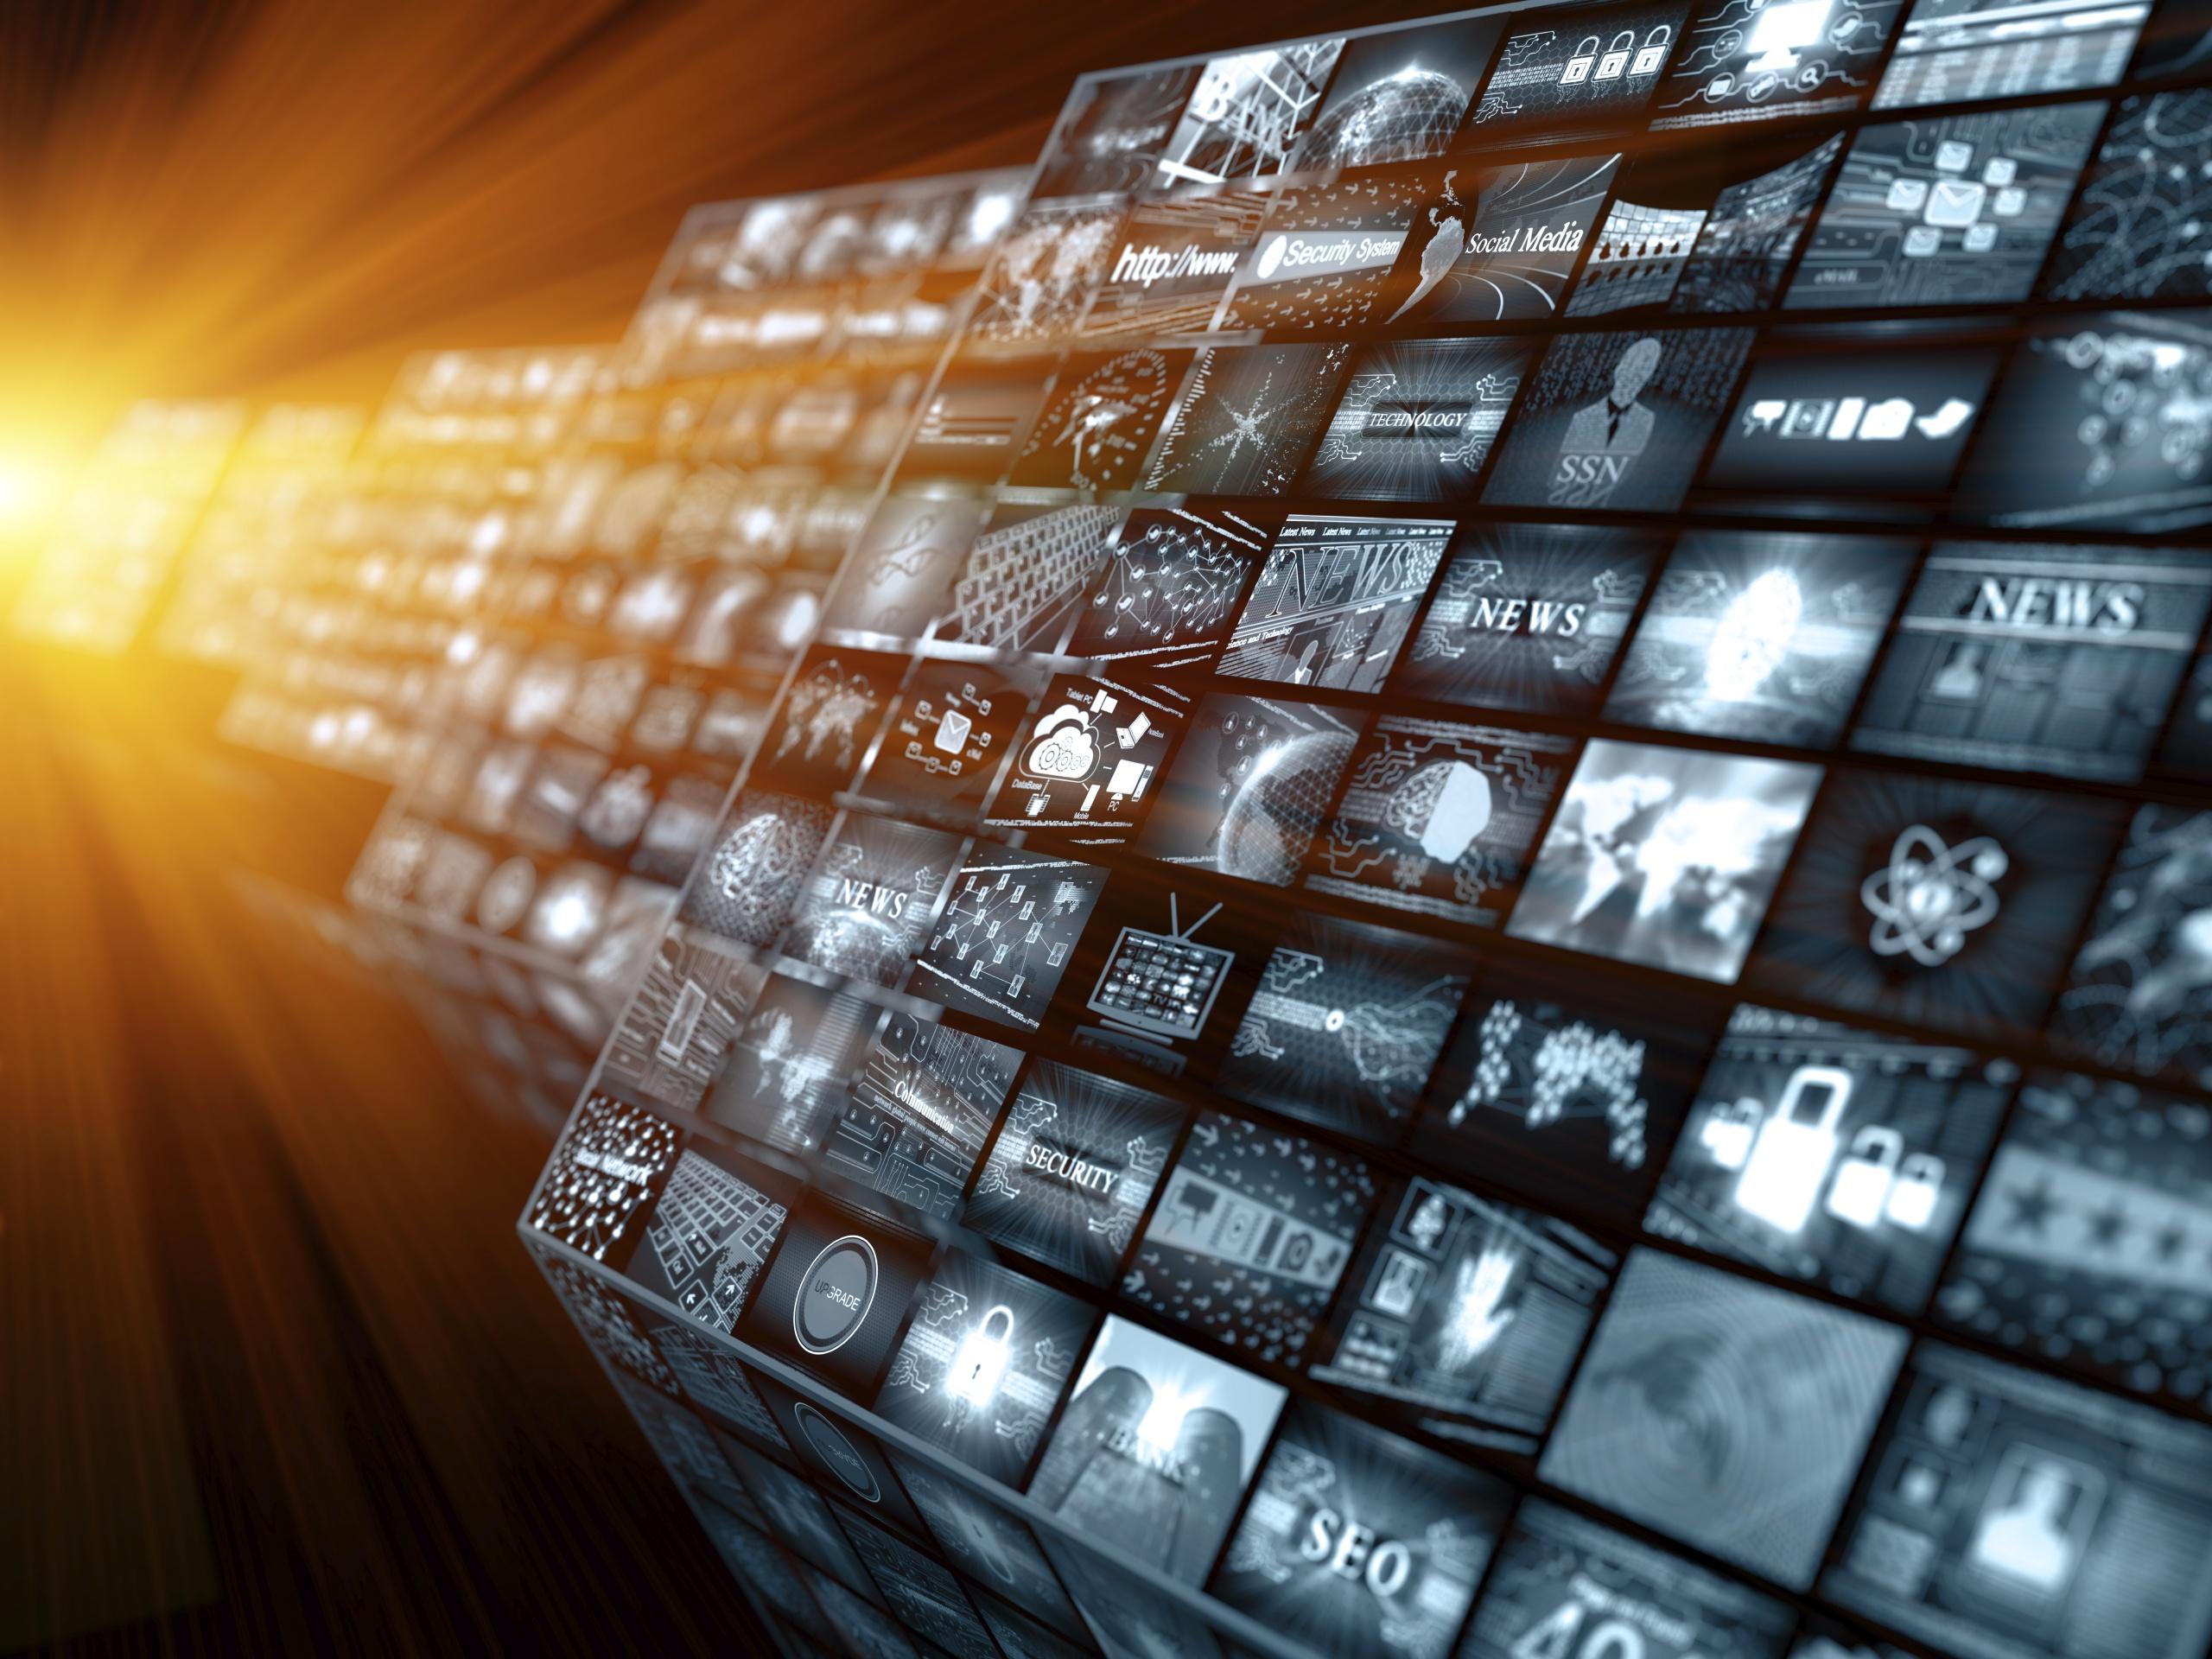 إطلاق العنان لإمكانات الإعلام الرقمي في المنطقة [رأي]